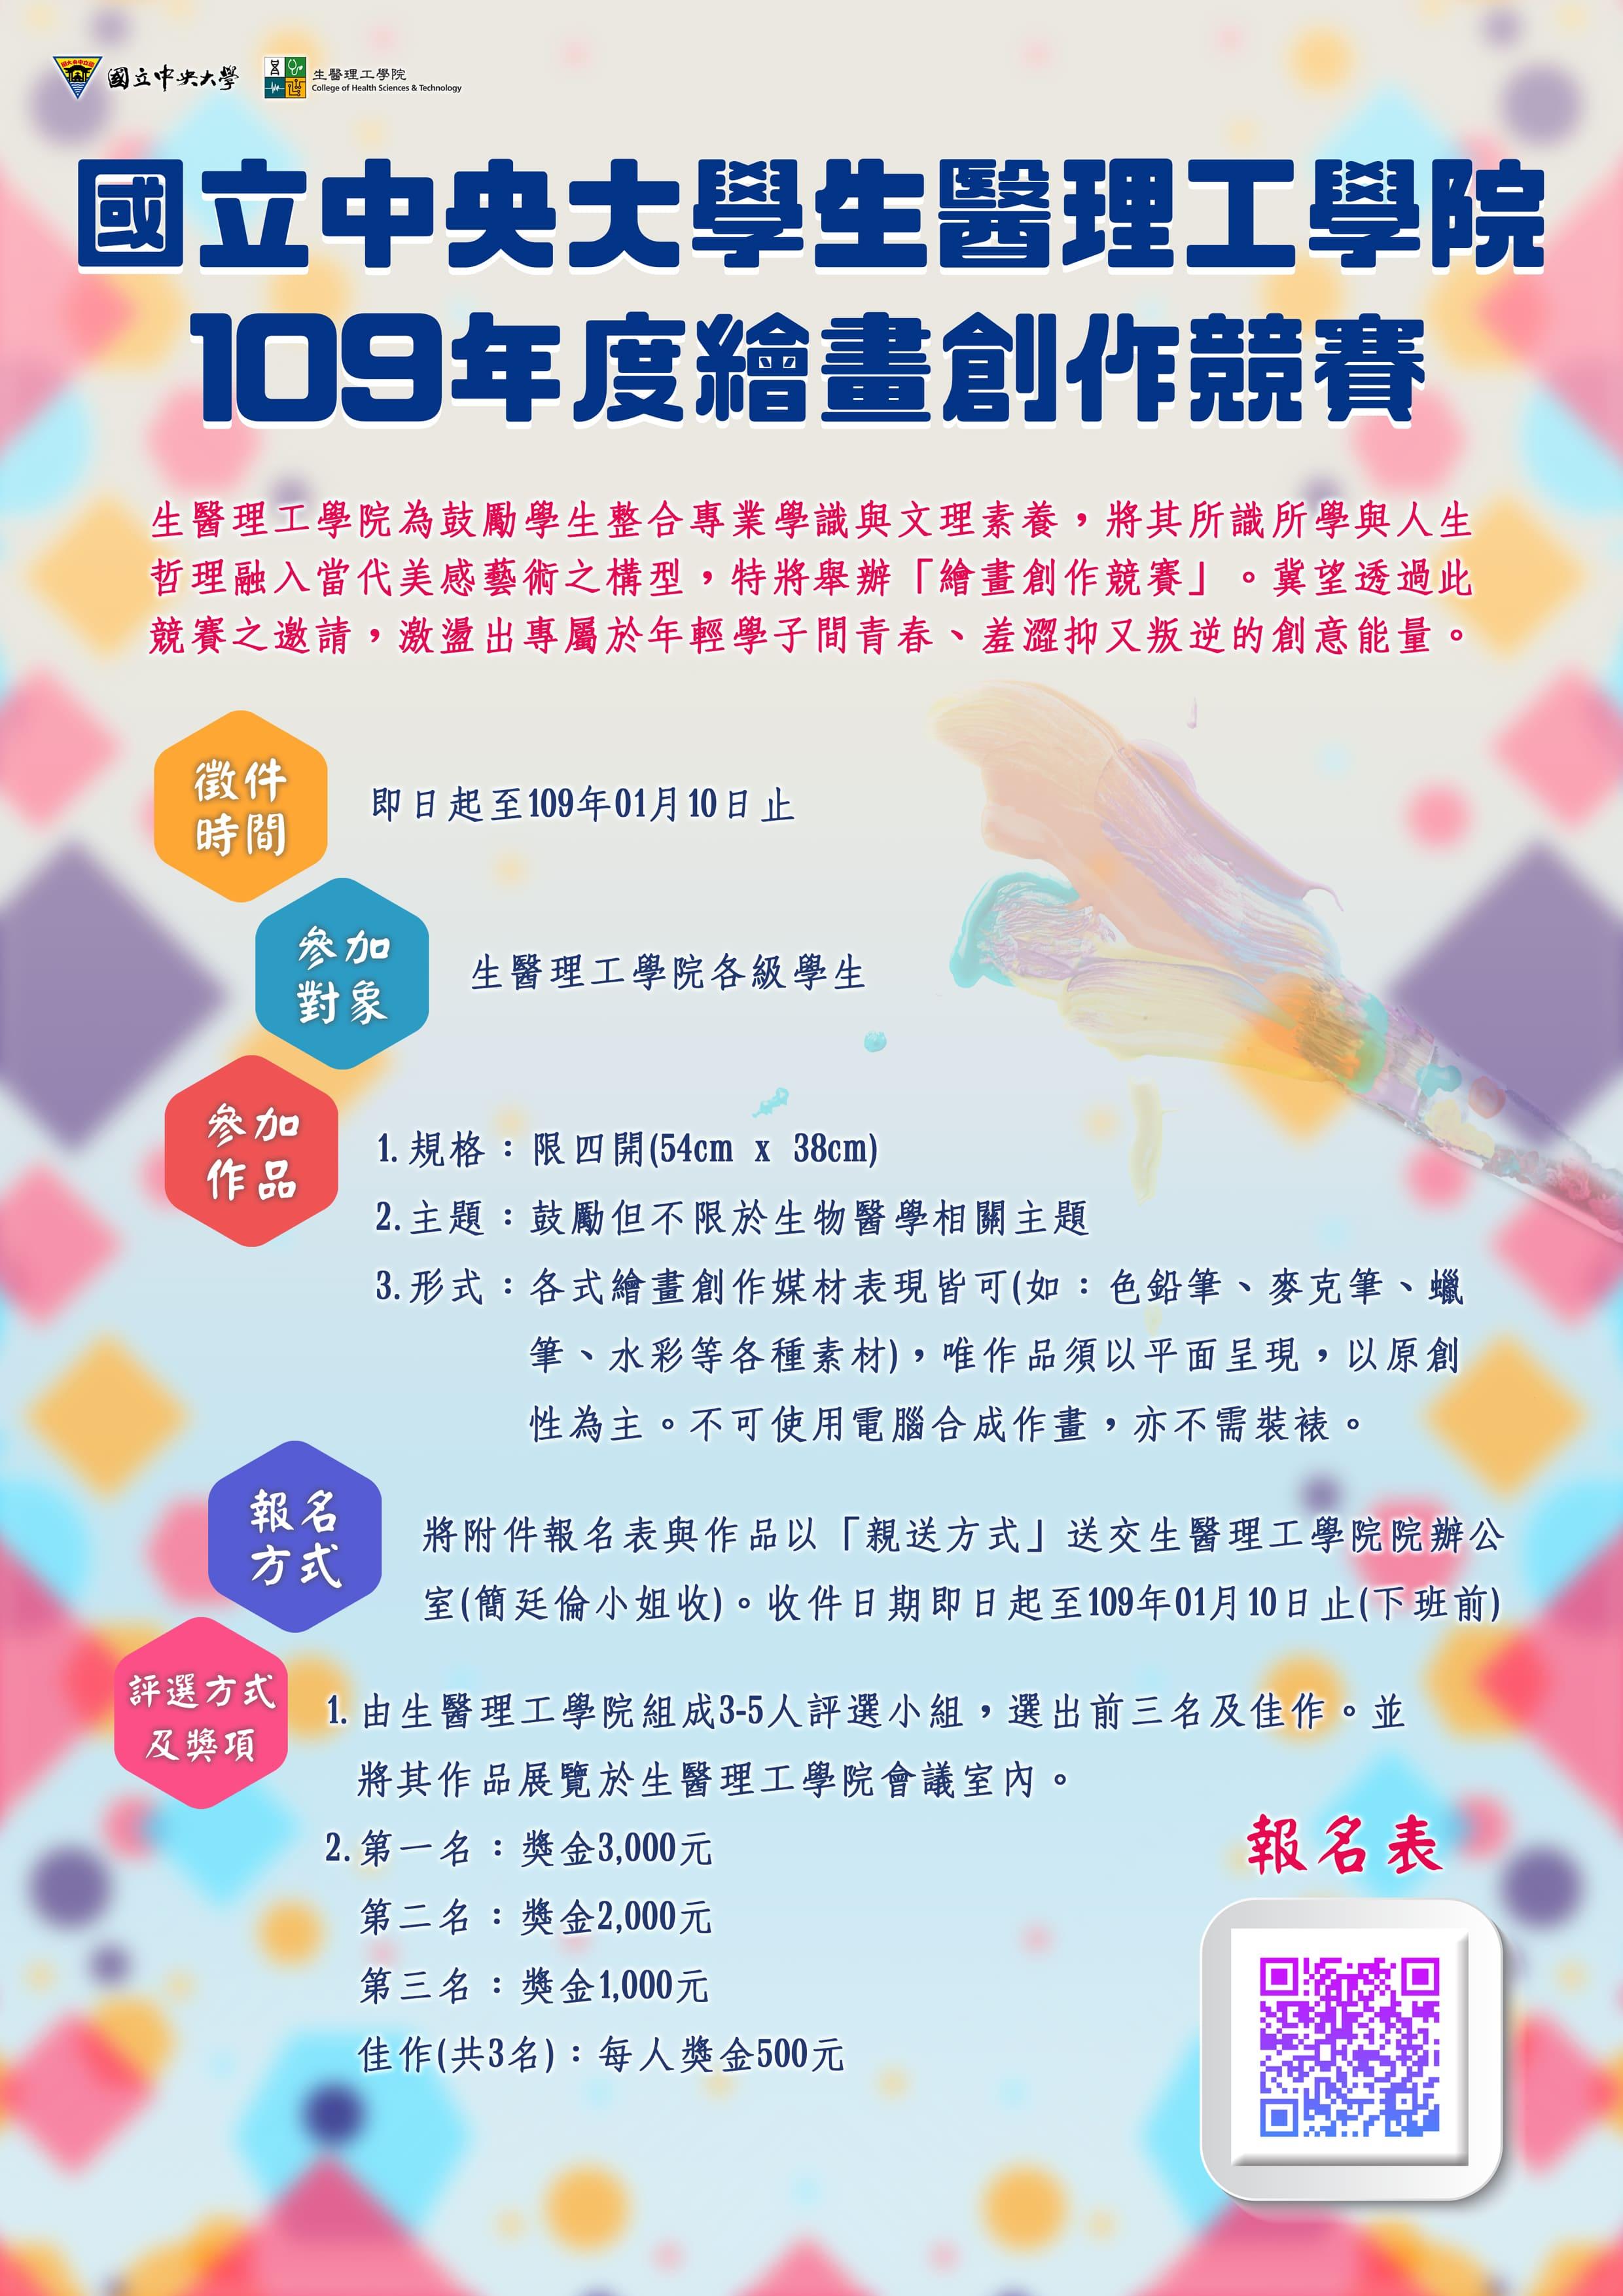 【活動】國立中央大學生醫理工學院 109年度繪畫創作競賽